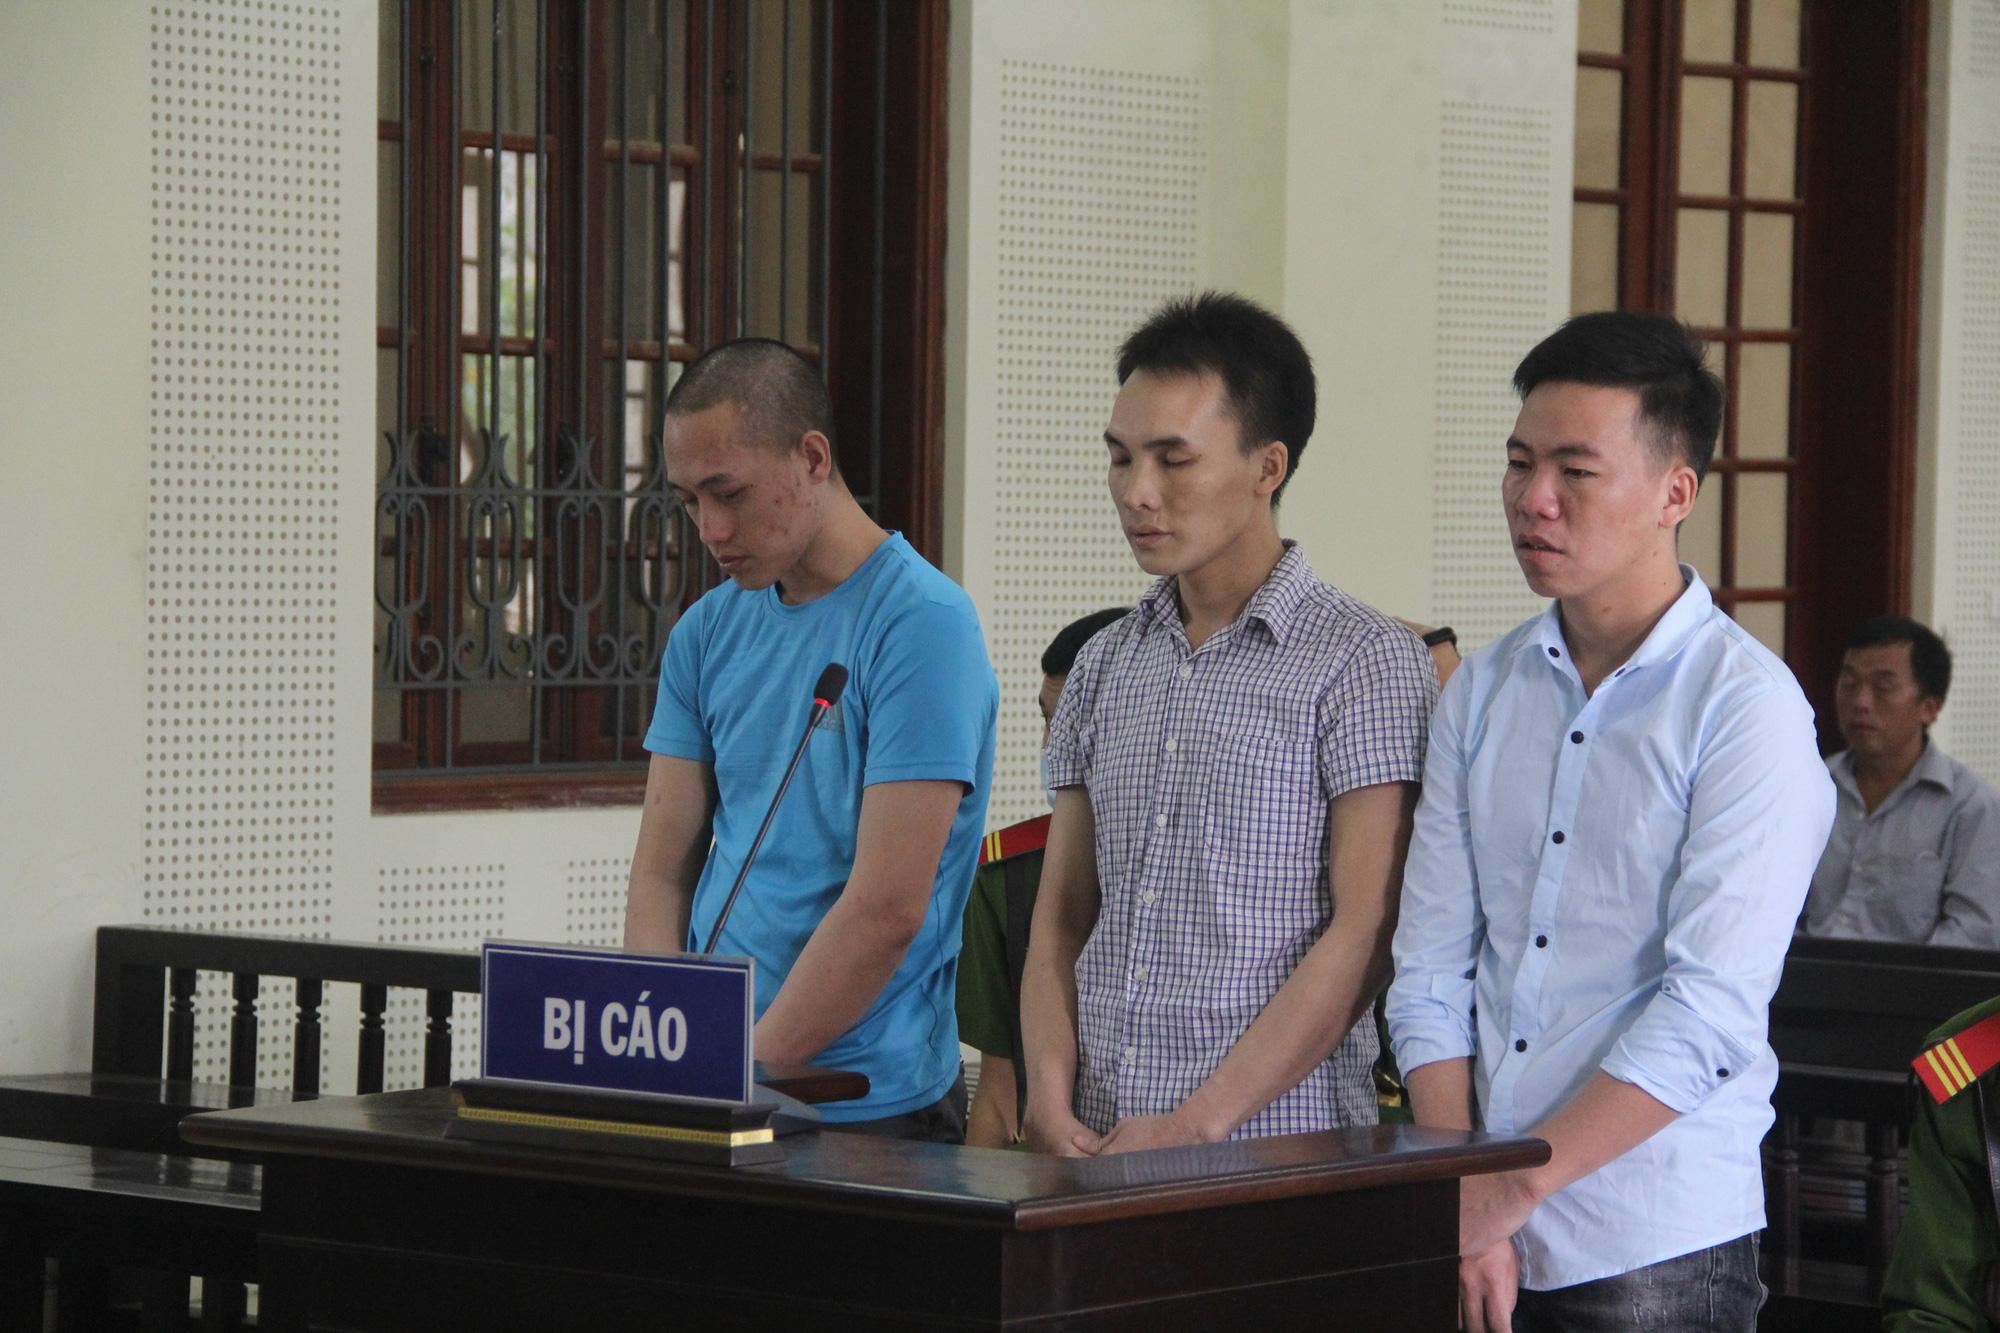 Nhận án tử hình, 3 kẻ xách thuê ma túy bật khóc nức nở ở tòa - Ảnh 1.